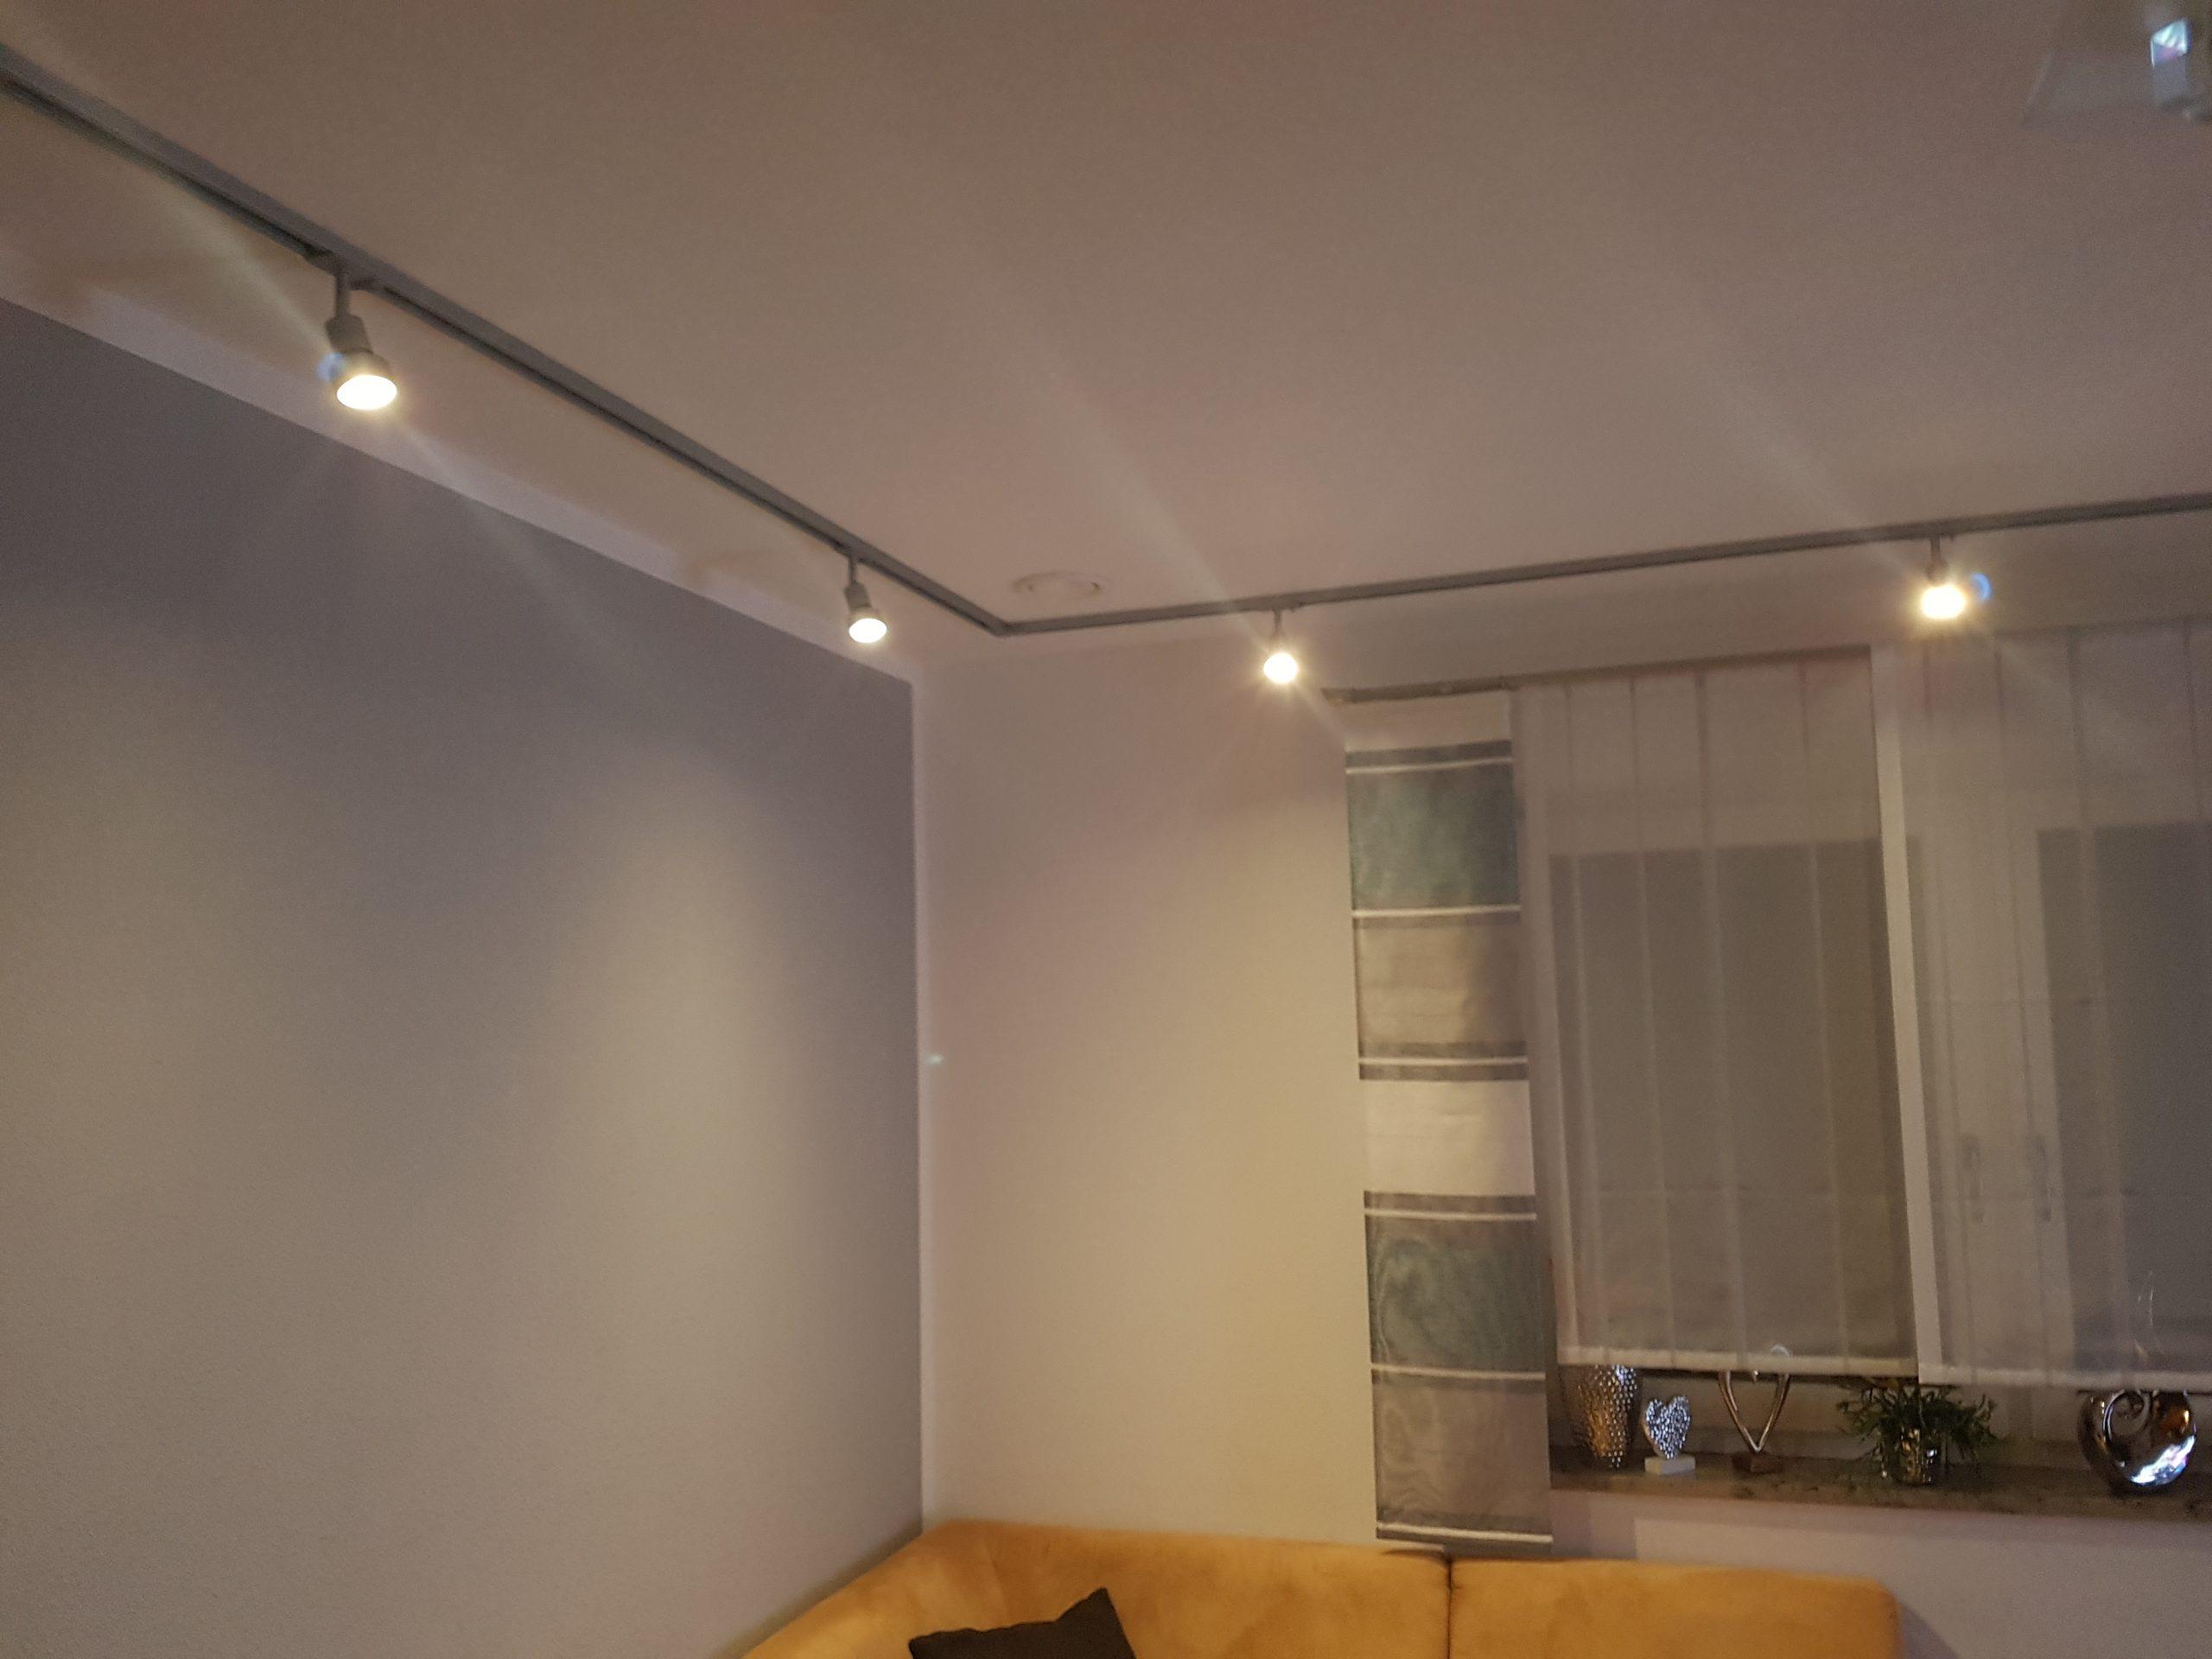 Full Size of Wohnzimmer Beleuchtung Wie Sie Ihr Ideal Beleuchten Decke Im Bad Badezimmer Tagesdecke Bett Fenster Deckenstrahler Indirekte Mit Weihnachtsbeleuchtung Wohnzimmer Indirekte Beleuchtung Decke